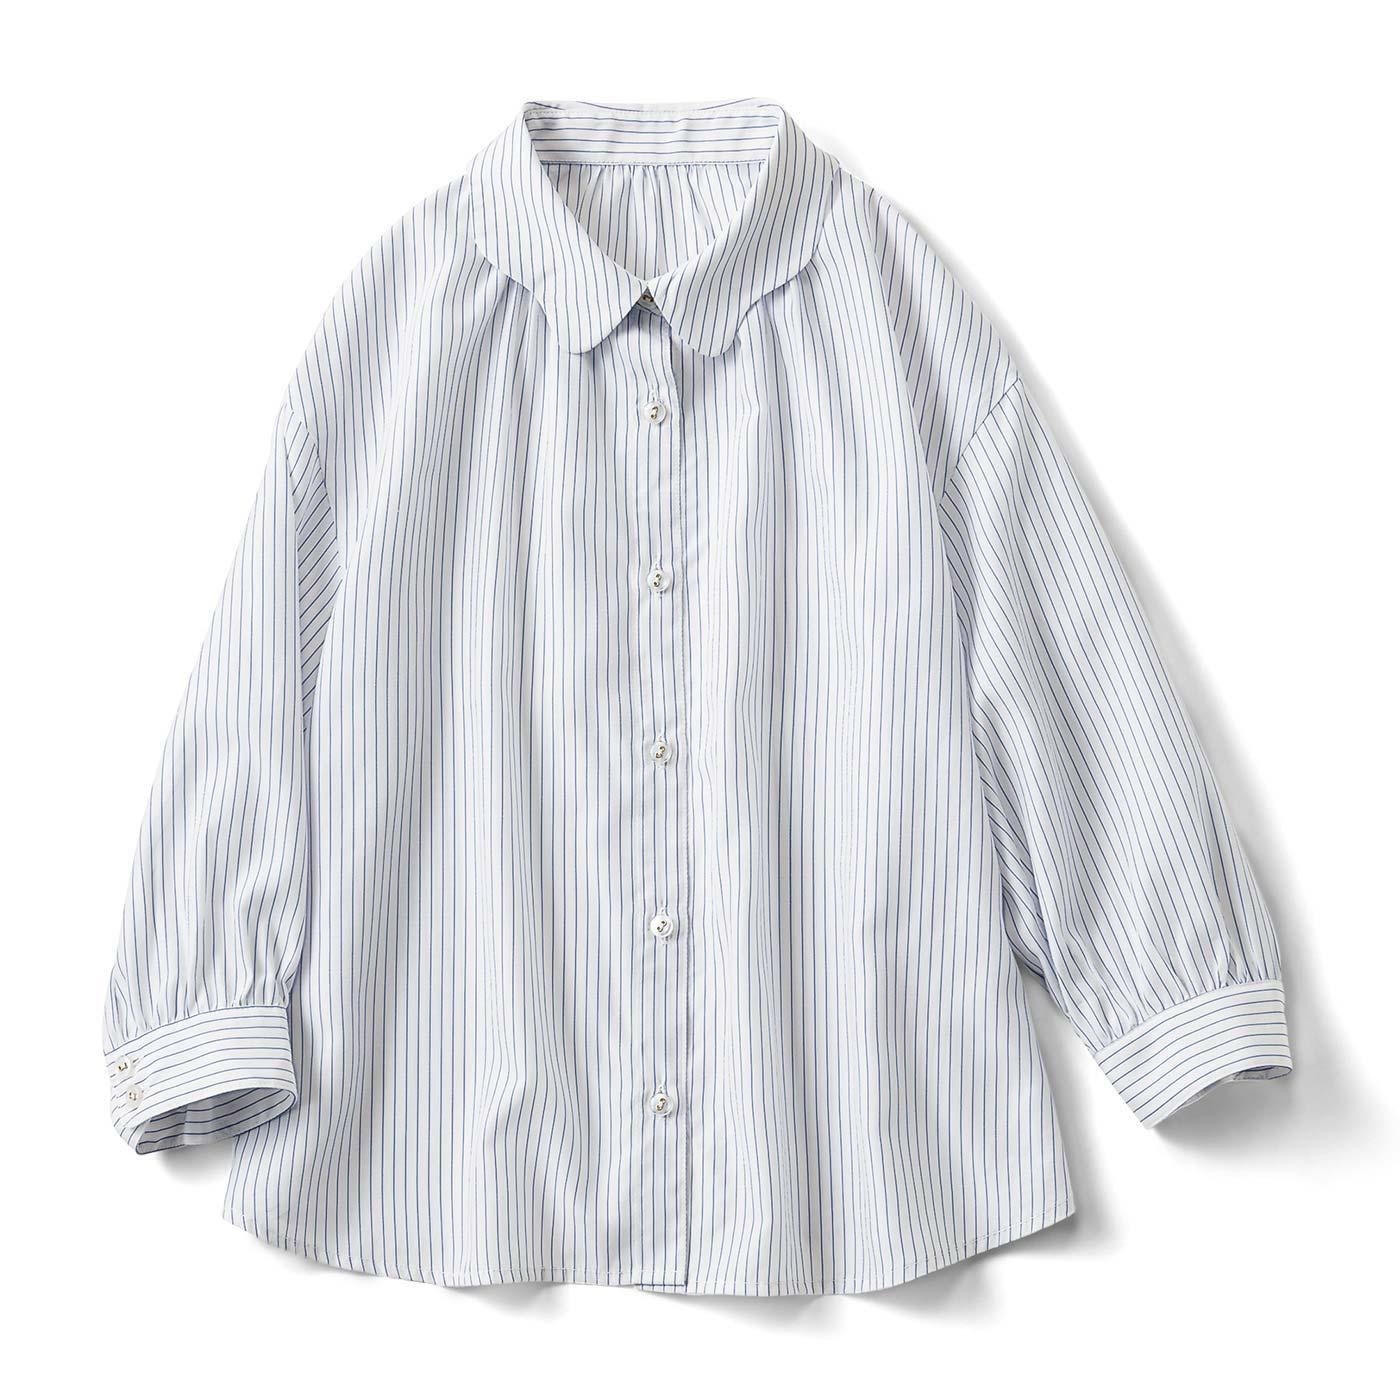 フェリシモ なみなみ衿の七分袖ブラウス〈ストライプ〉